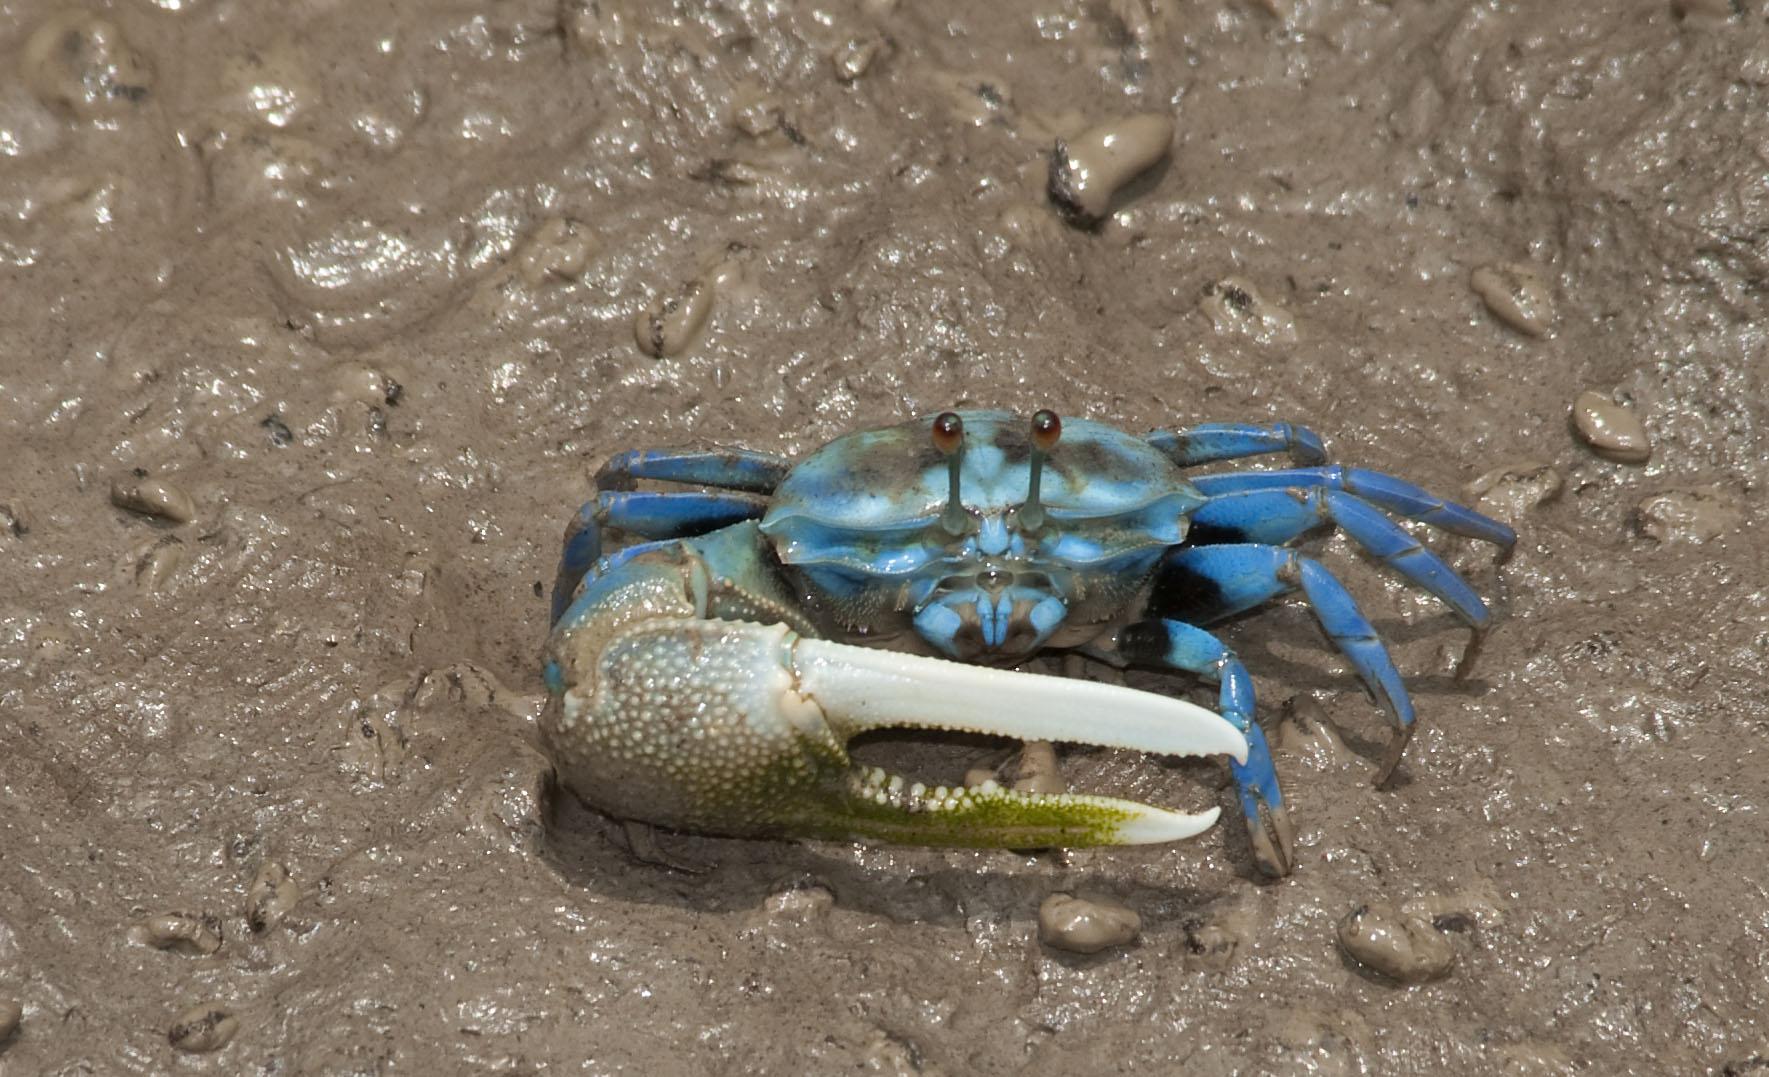 crabs_20100419_Kuala_Selangor_Malaysia_03.jpg